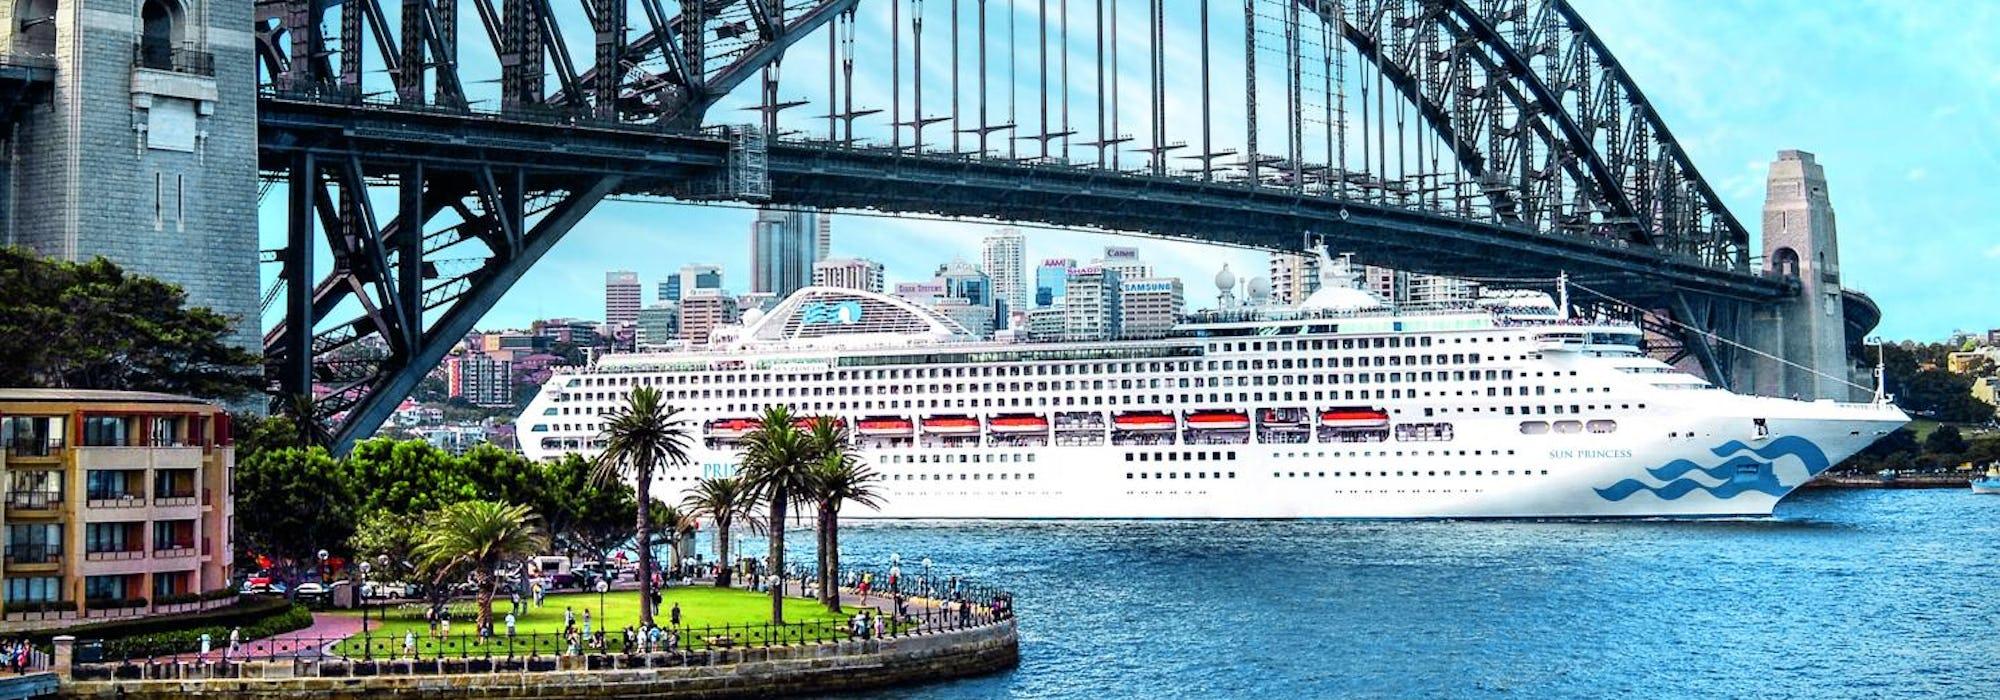 Fartyget Sun Princess kryssar fram under en blå stålbro.